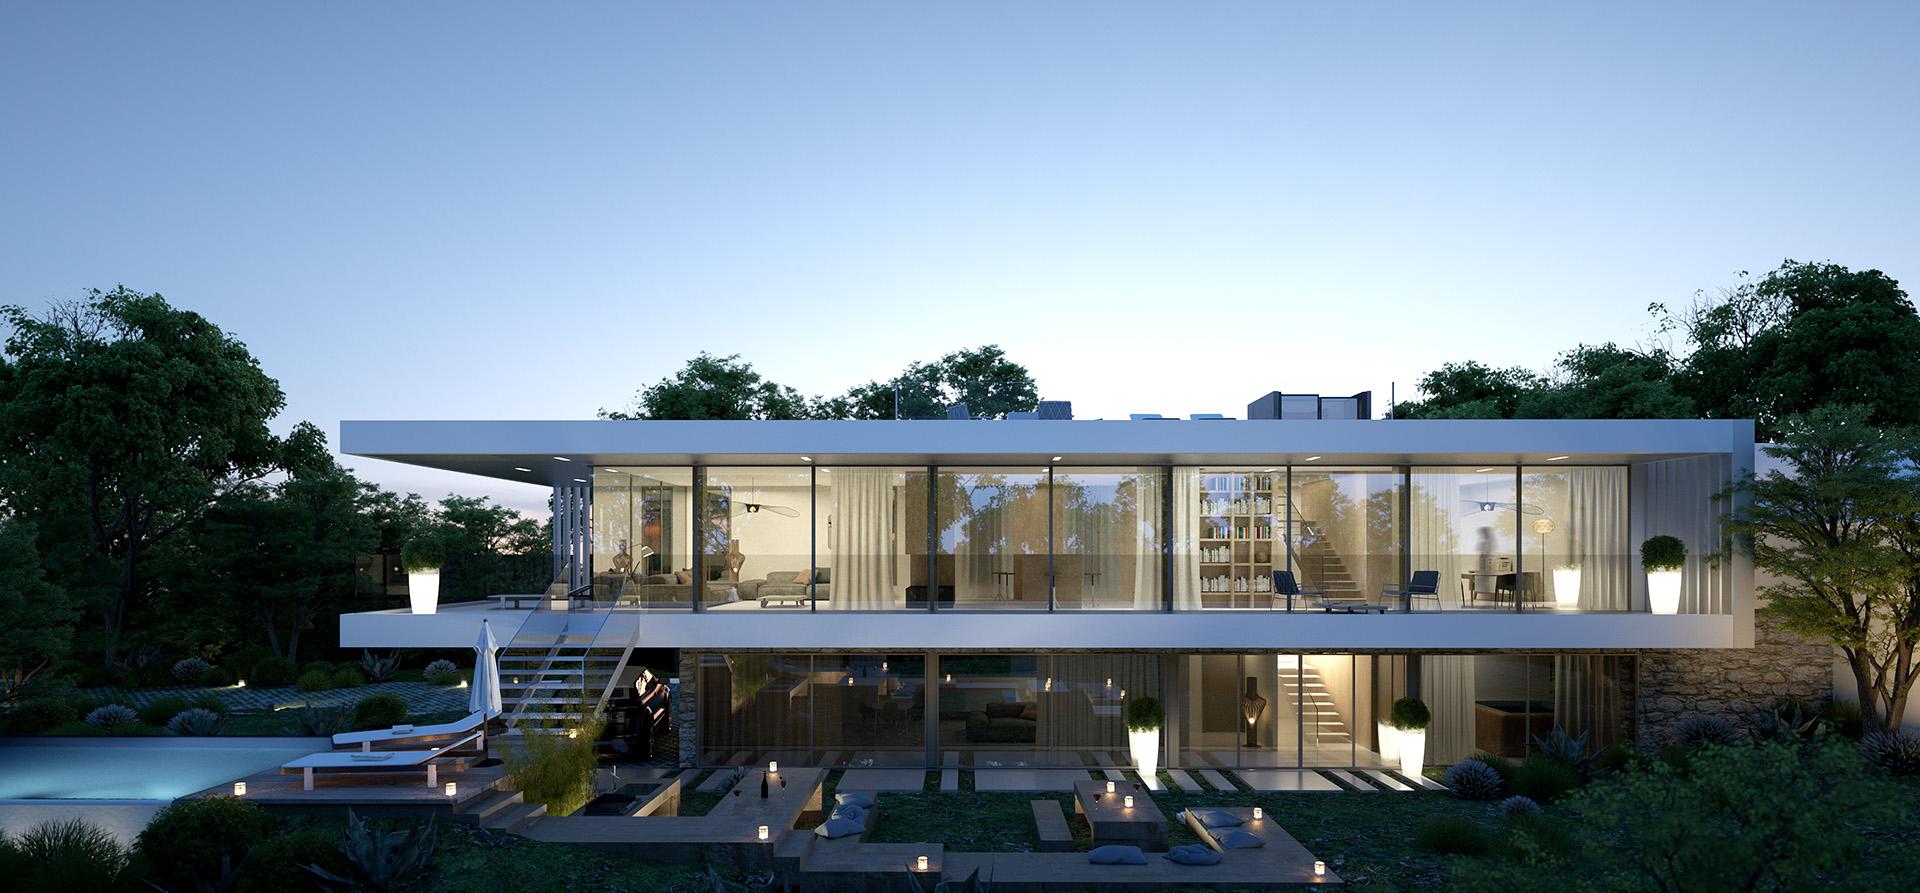 Kutch Studio - Perspective Architecture - CML - Brengues Le Pavec